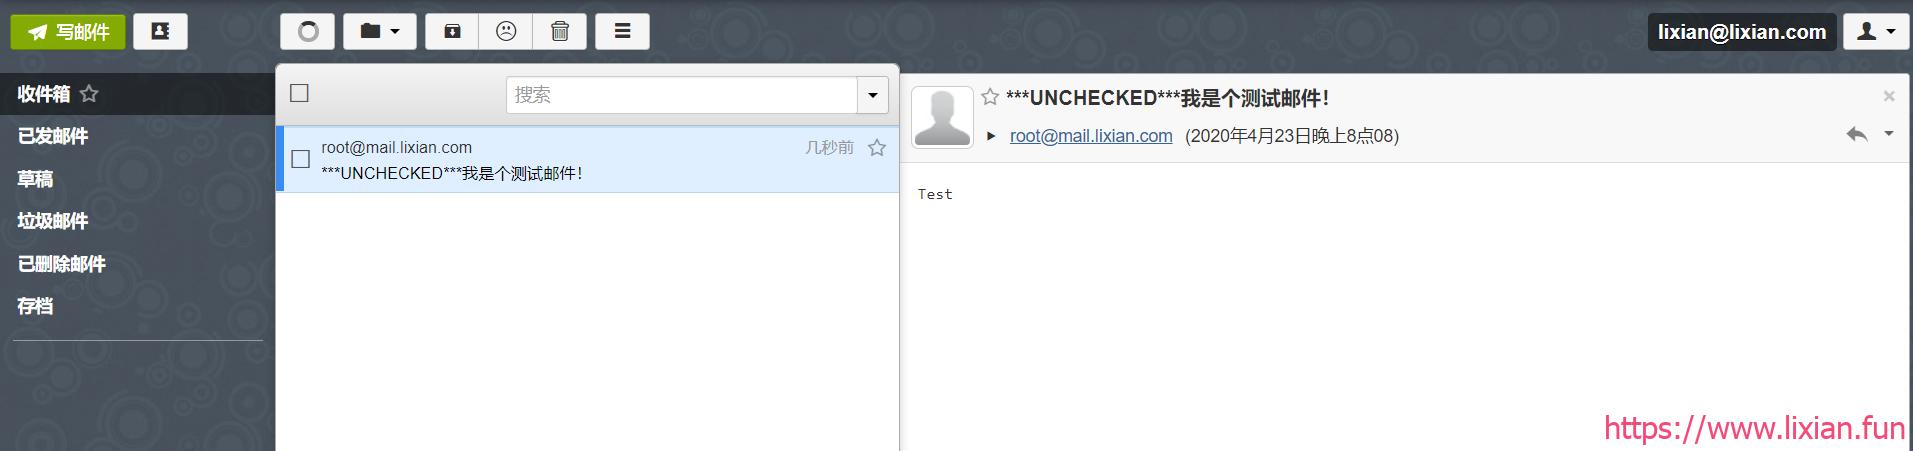 搭建部署企业级EwoMail开源邮件服务器【显哥出品,必为精品】